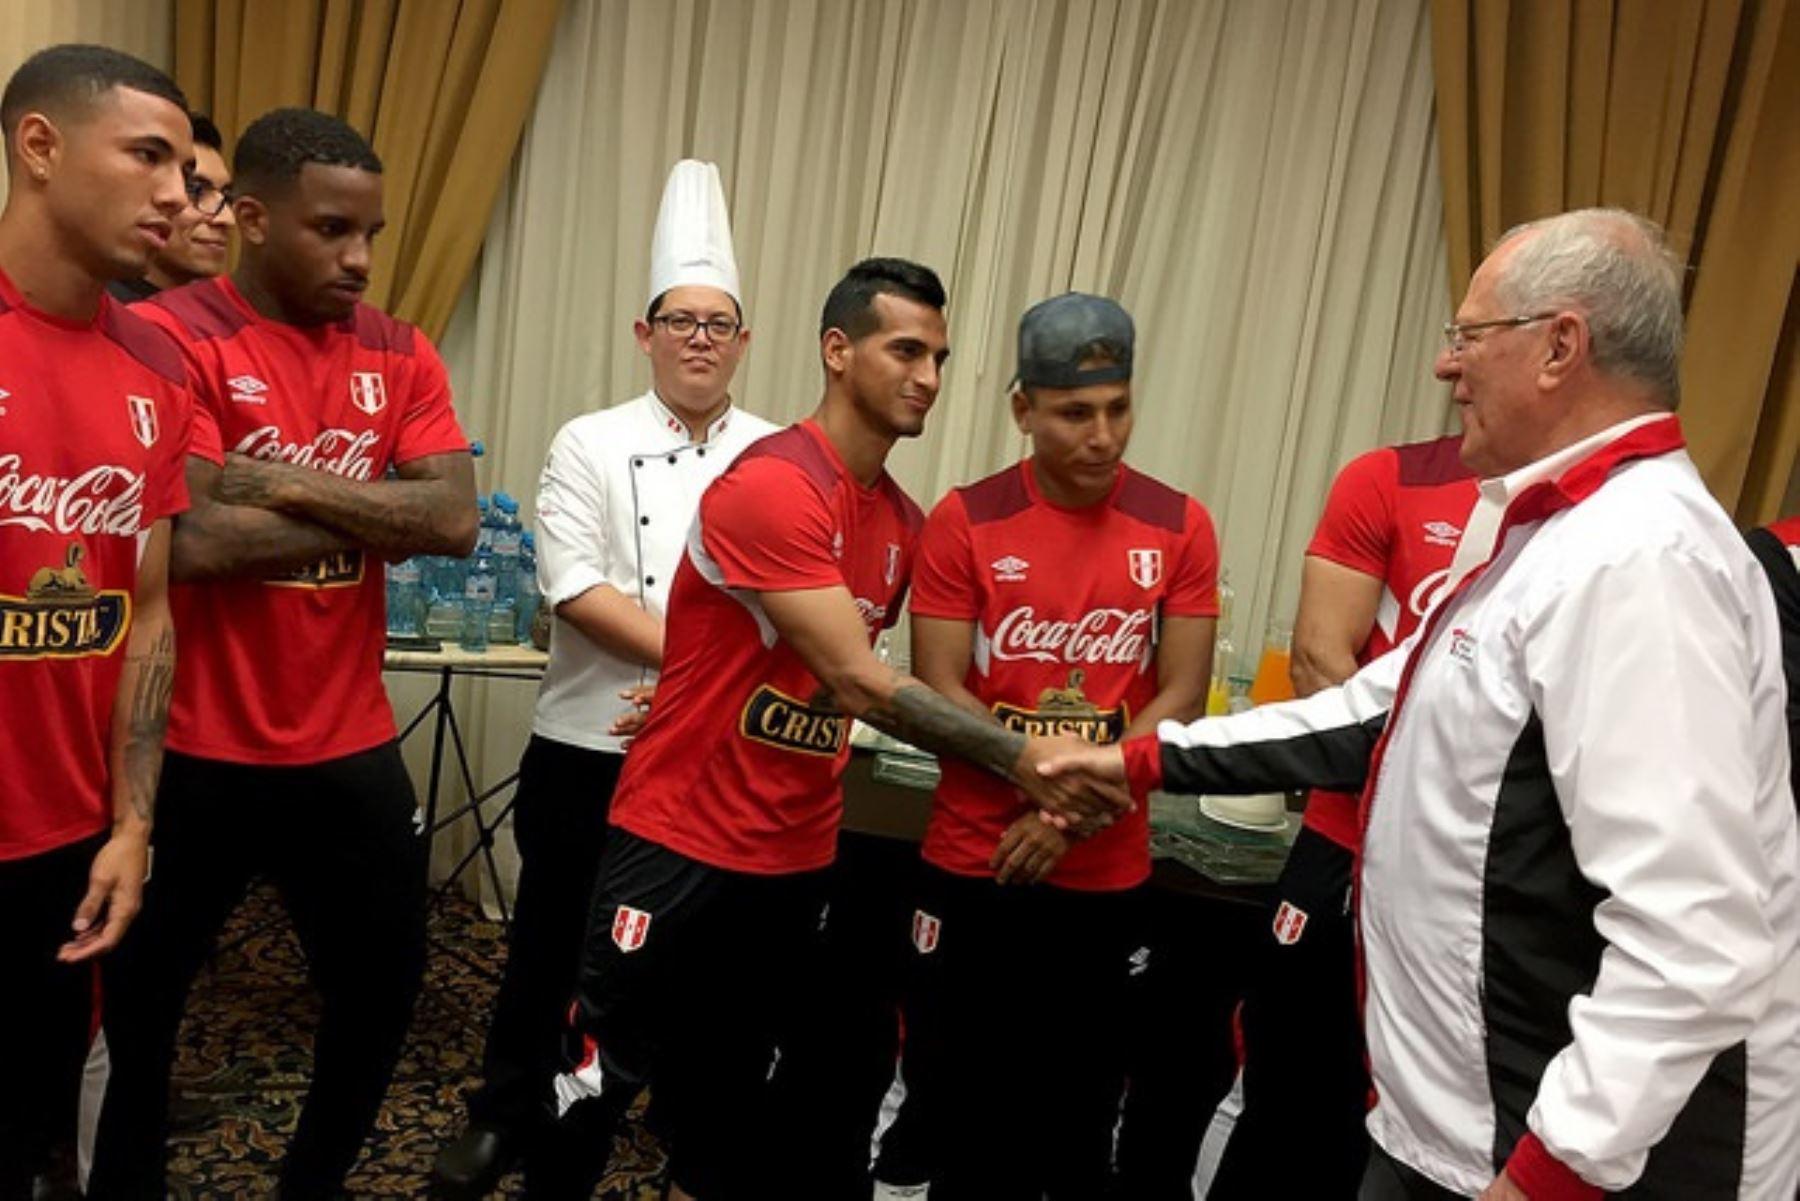 Presidente Pedro Pablo Kuczynski visita a la selección de fútbol previo al partido con Nueva Zelanda.